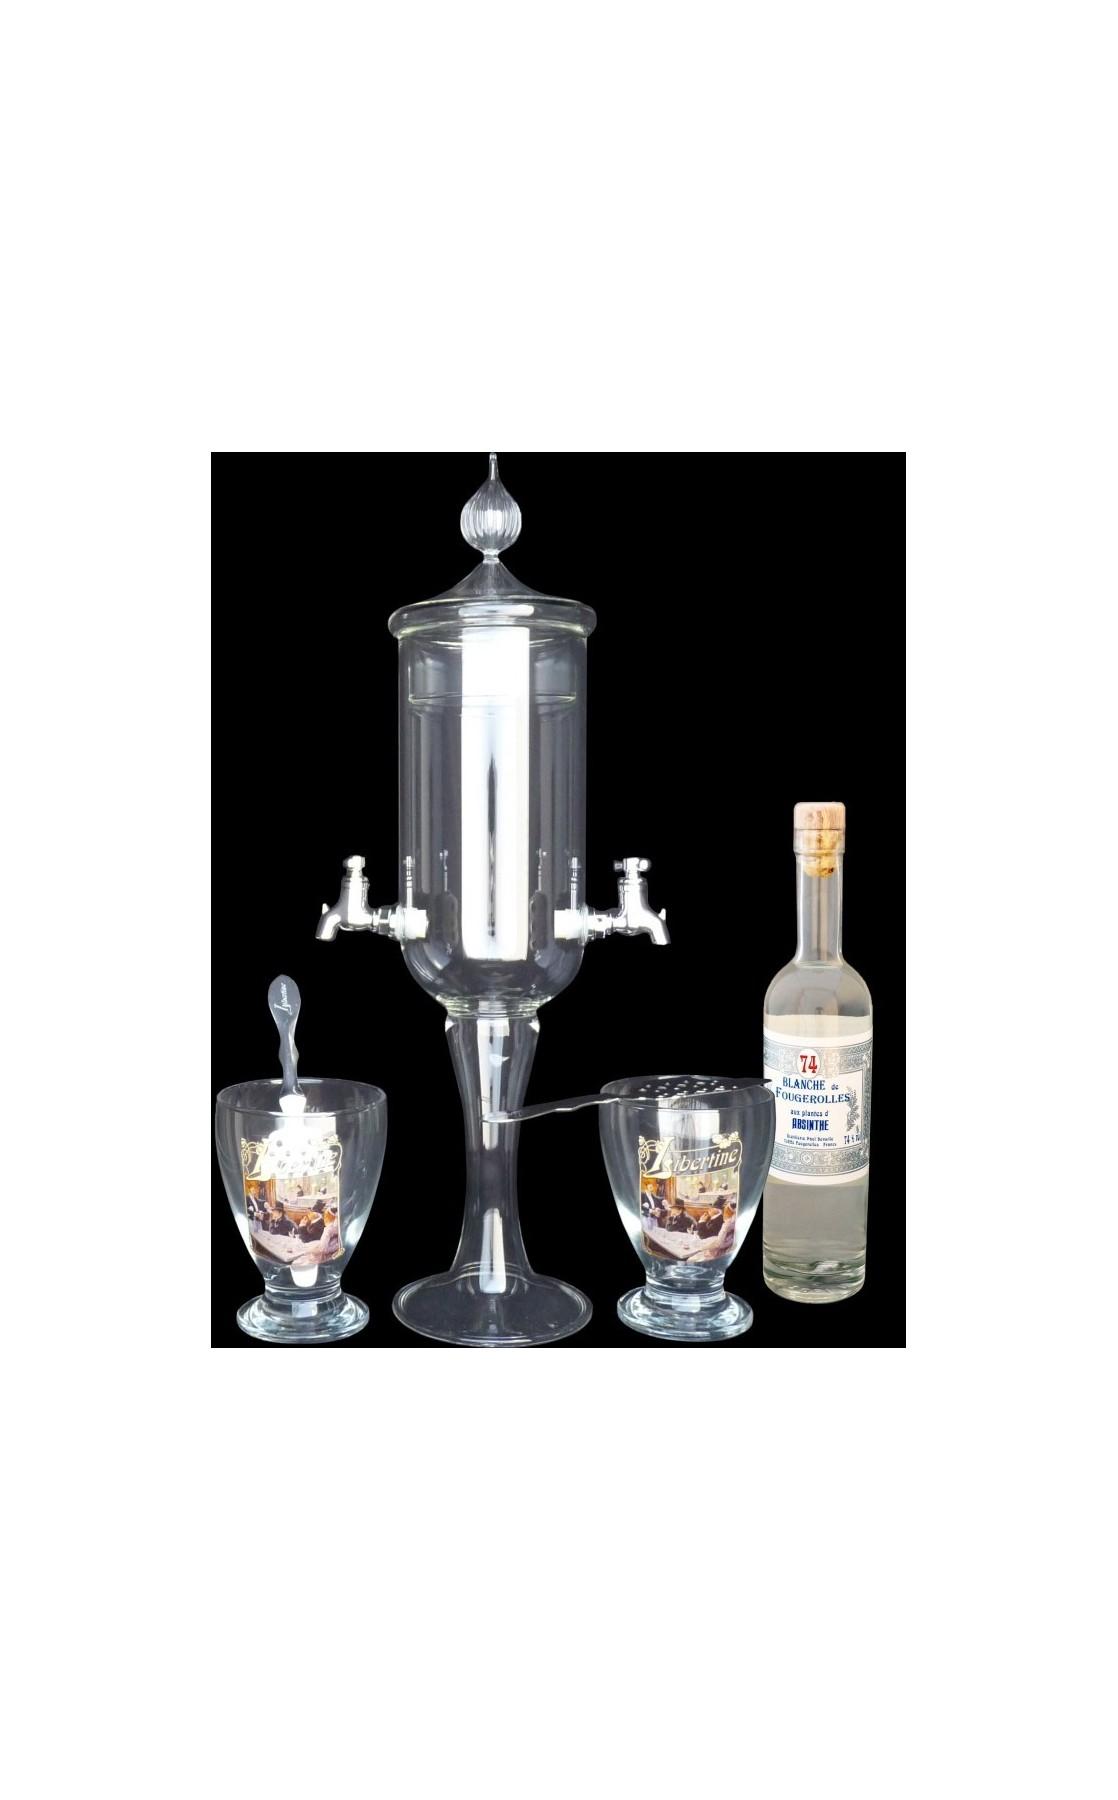 Service petite Fontaine à absinthe 2 robinets Libertine et Blanche de Fougerolles 20cl